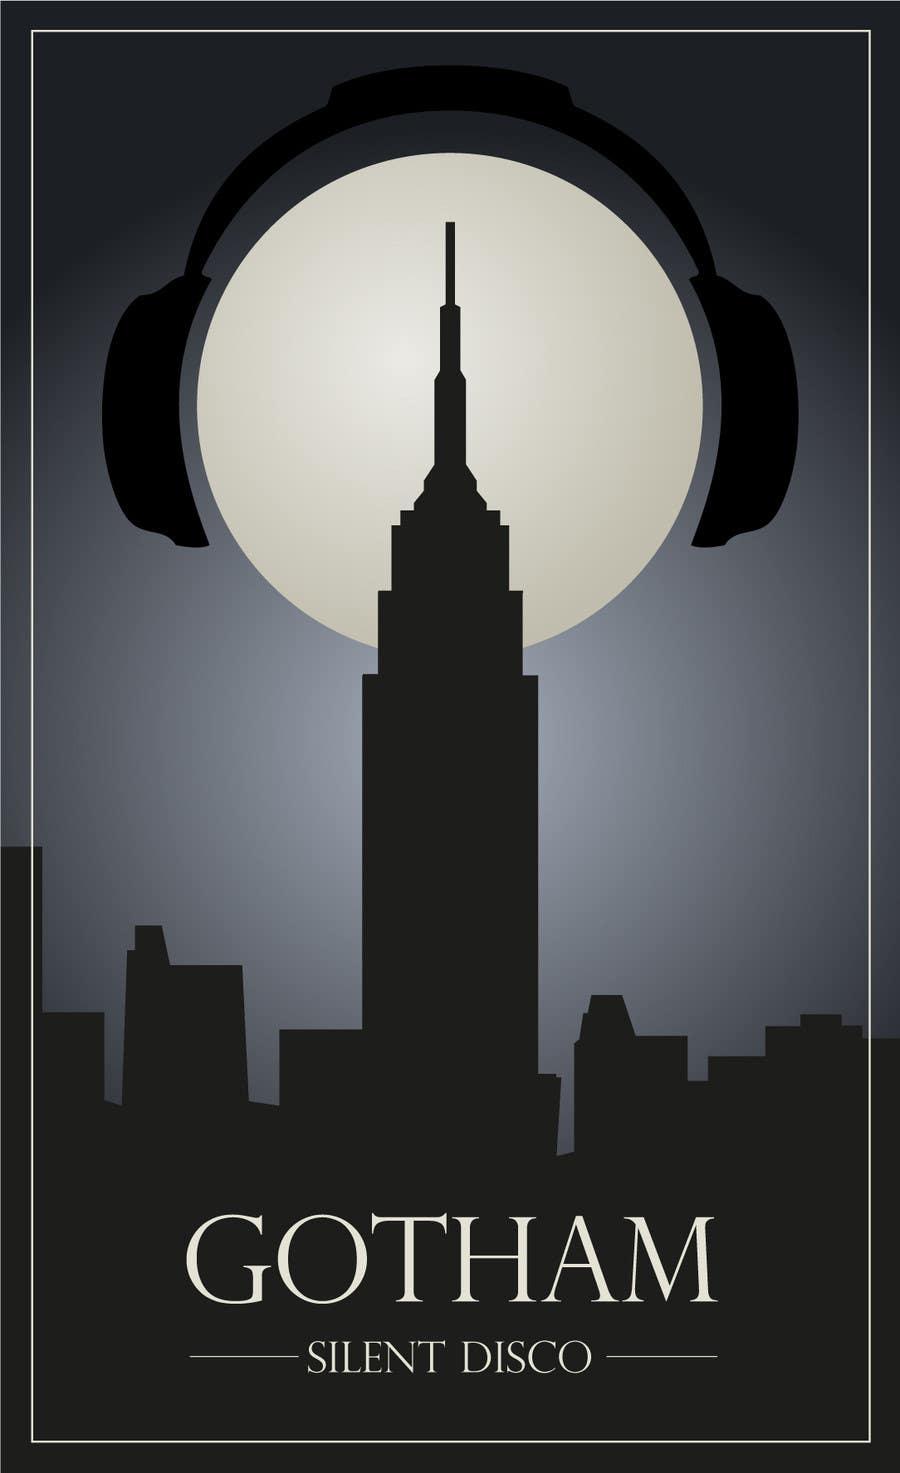 Bài tham dự cuộc thi #                                        12                                      cho                                         Design a Logo for Gotham Silent Disco